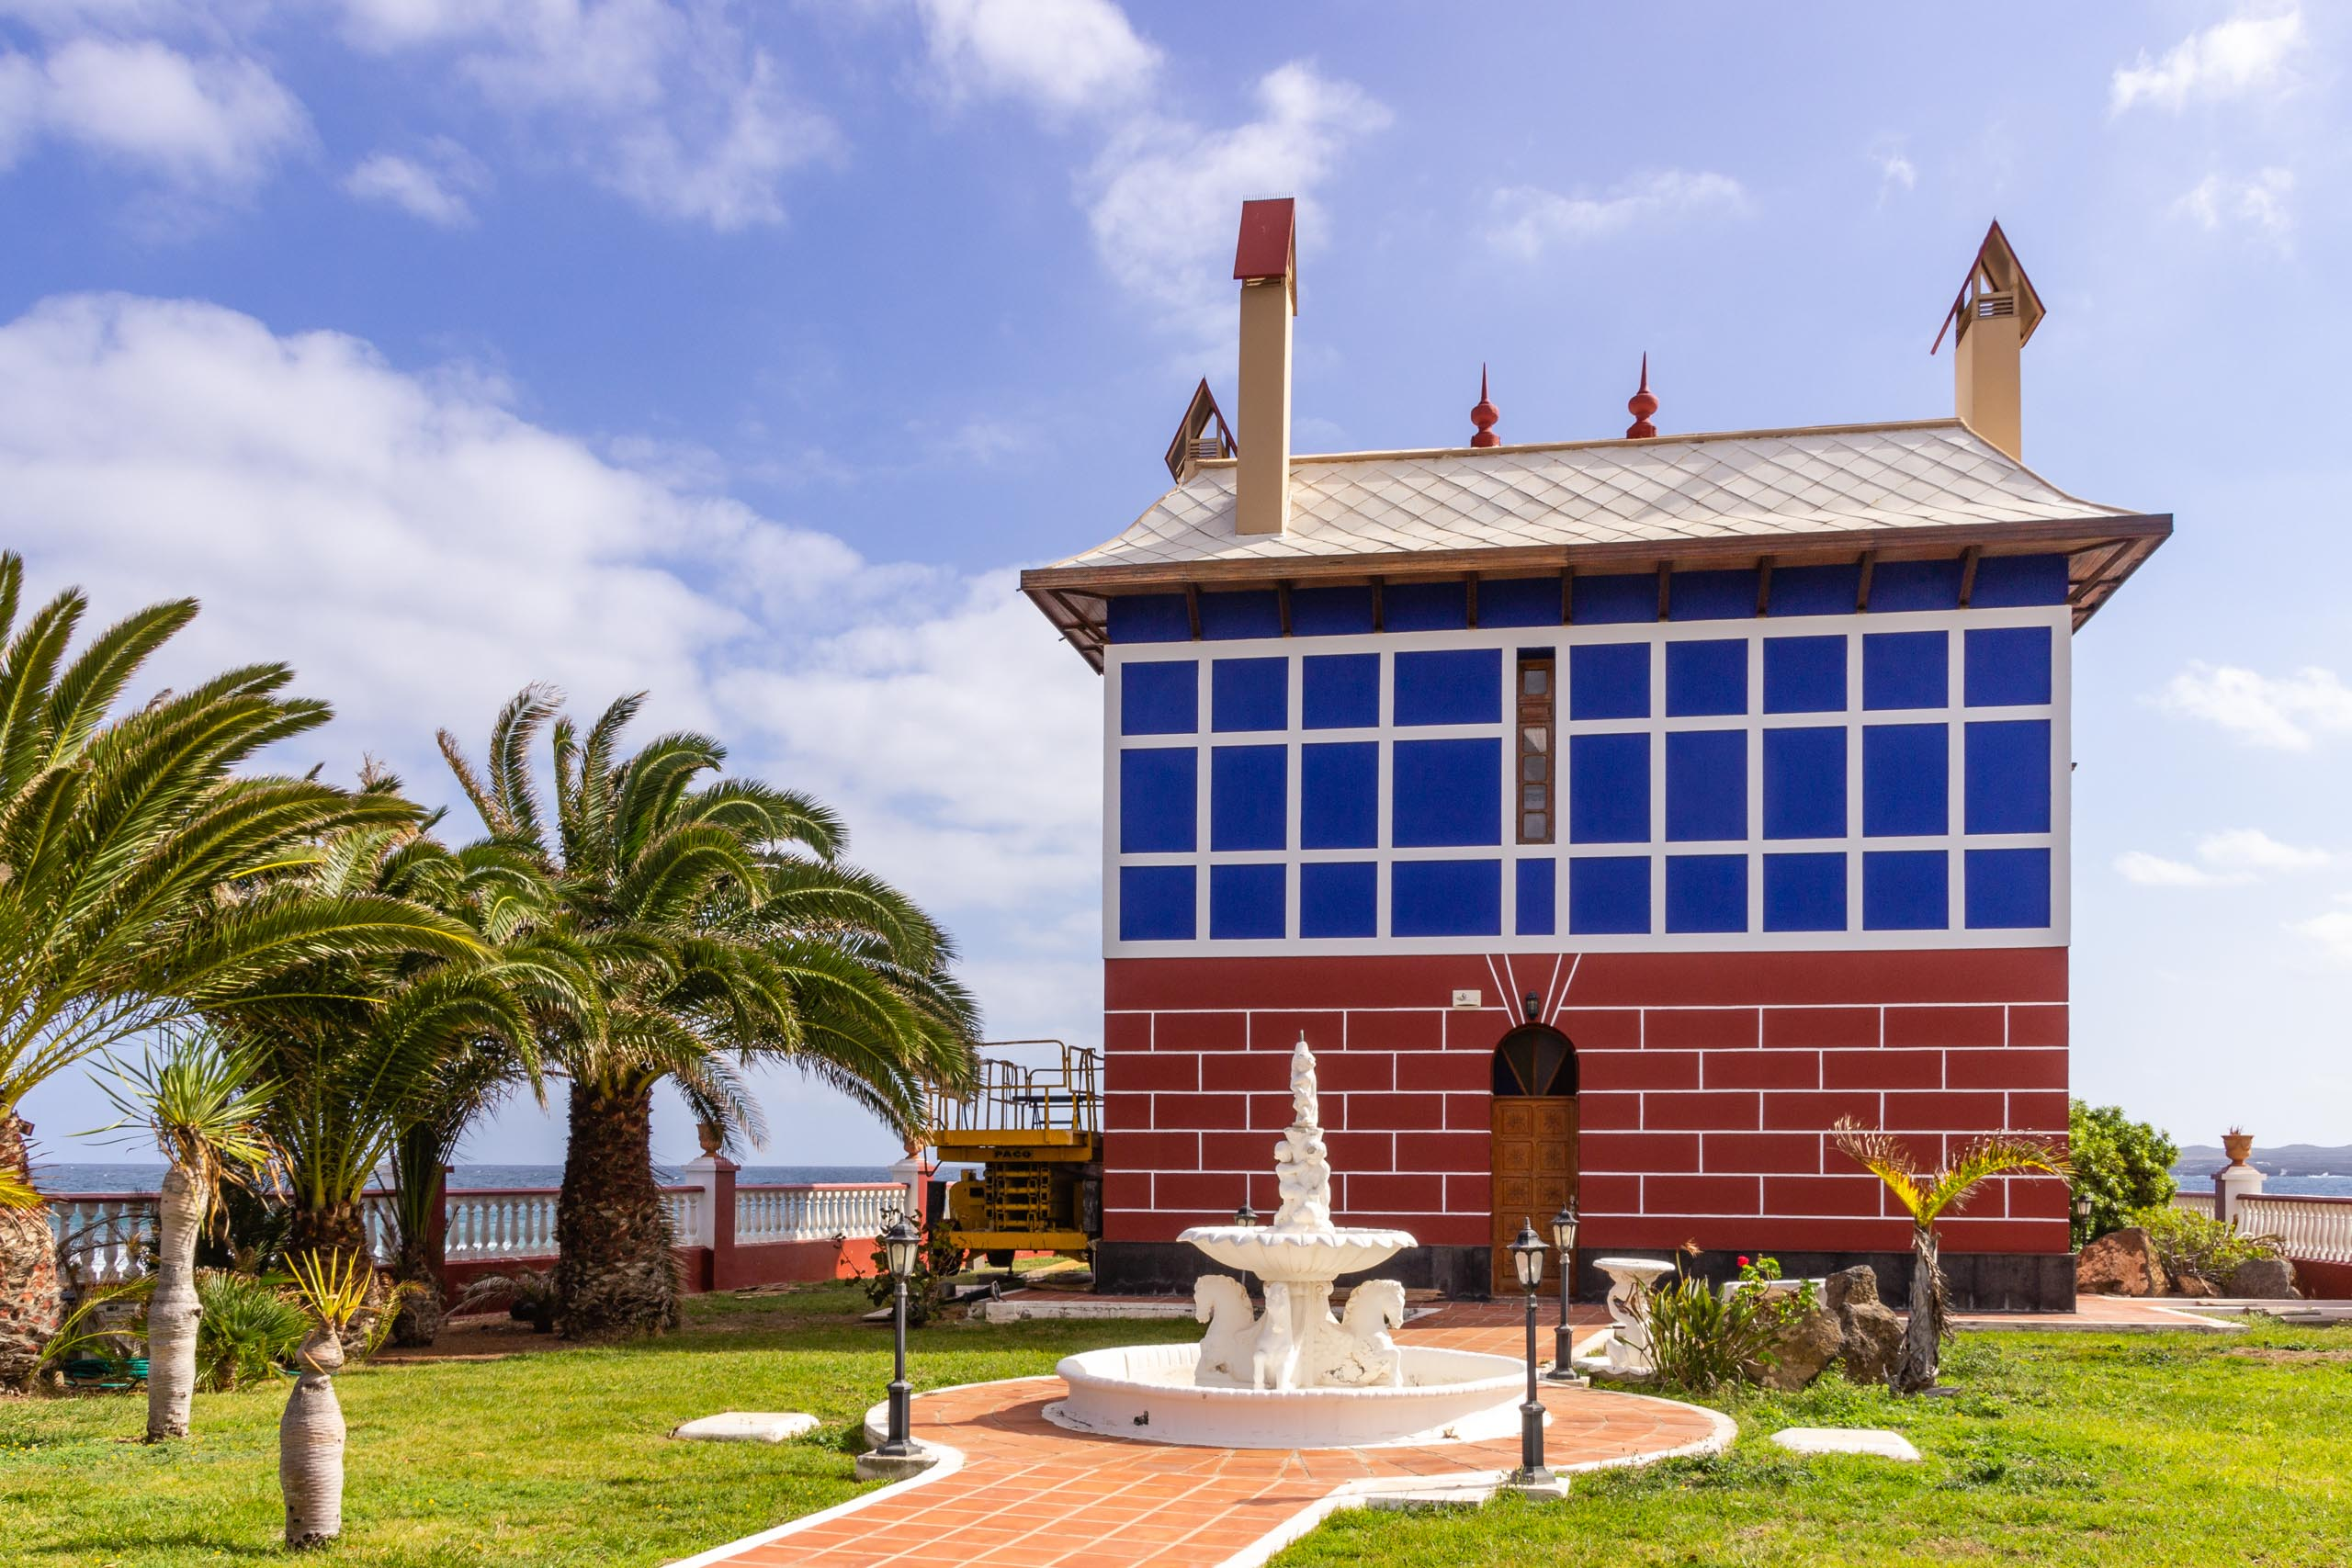 2014 02 Lanzarote Arrieta 001